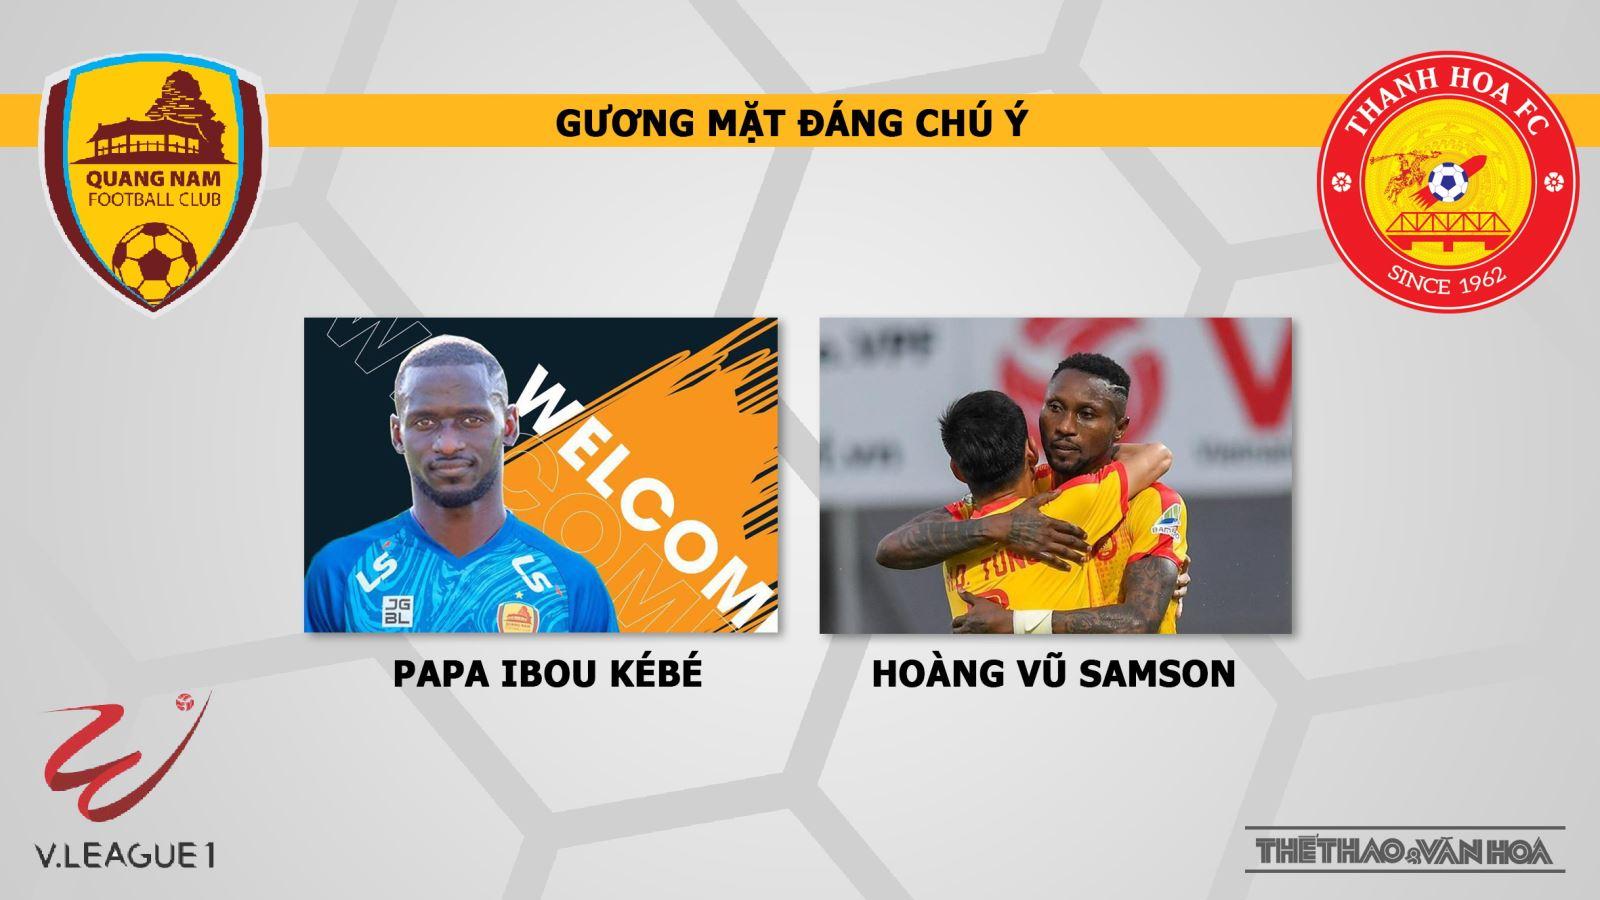 Quảng Nam vsThanh Hóa, Quảng Nam, Thanh Hoá, soi kèo bóng đá, trực tiếp bóng đá, kèo bóng đá, nhận định, dự đoán